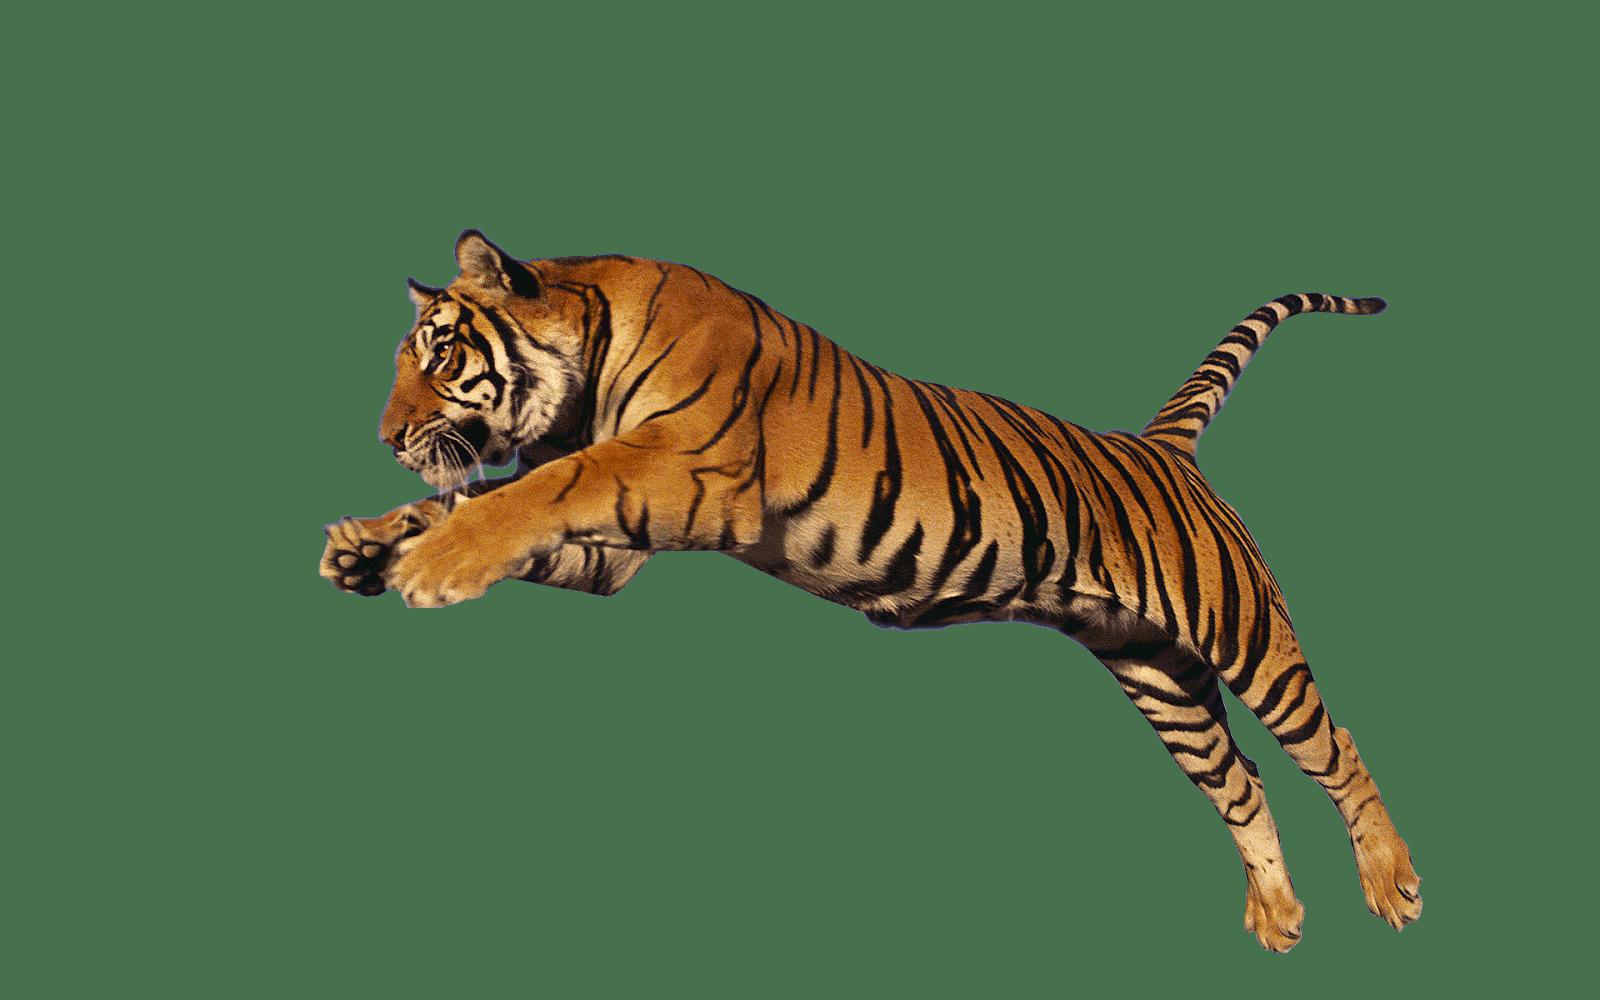 image download Transparent tiger. Tigers png images stickpng